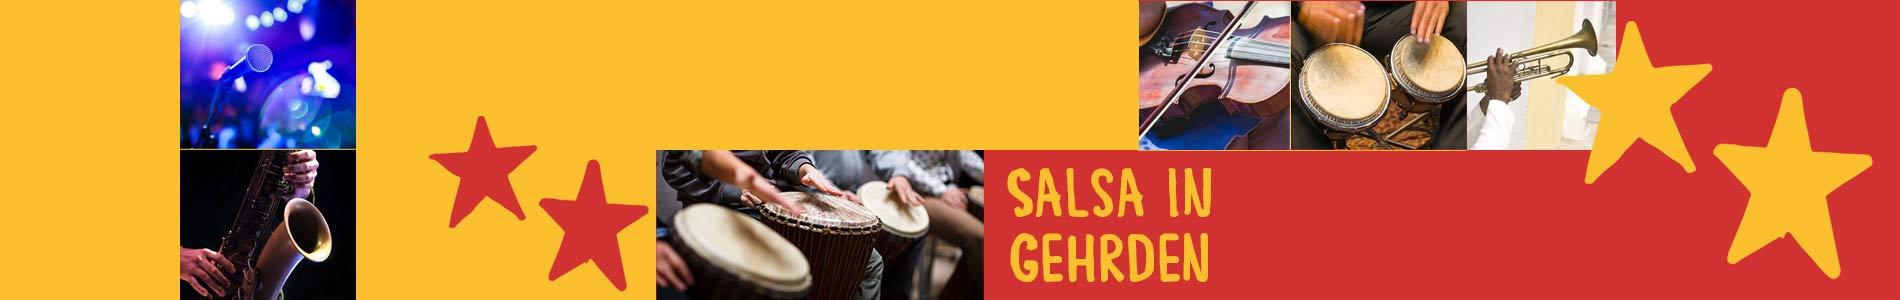 Salsa in Gehrden – Salsa lernen und tanzen, Tanzkurse, Partys, Veranstaltungen